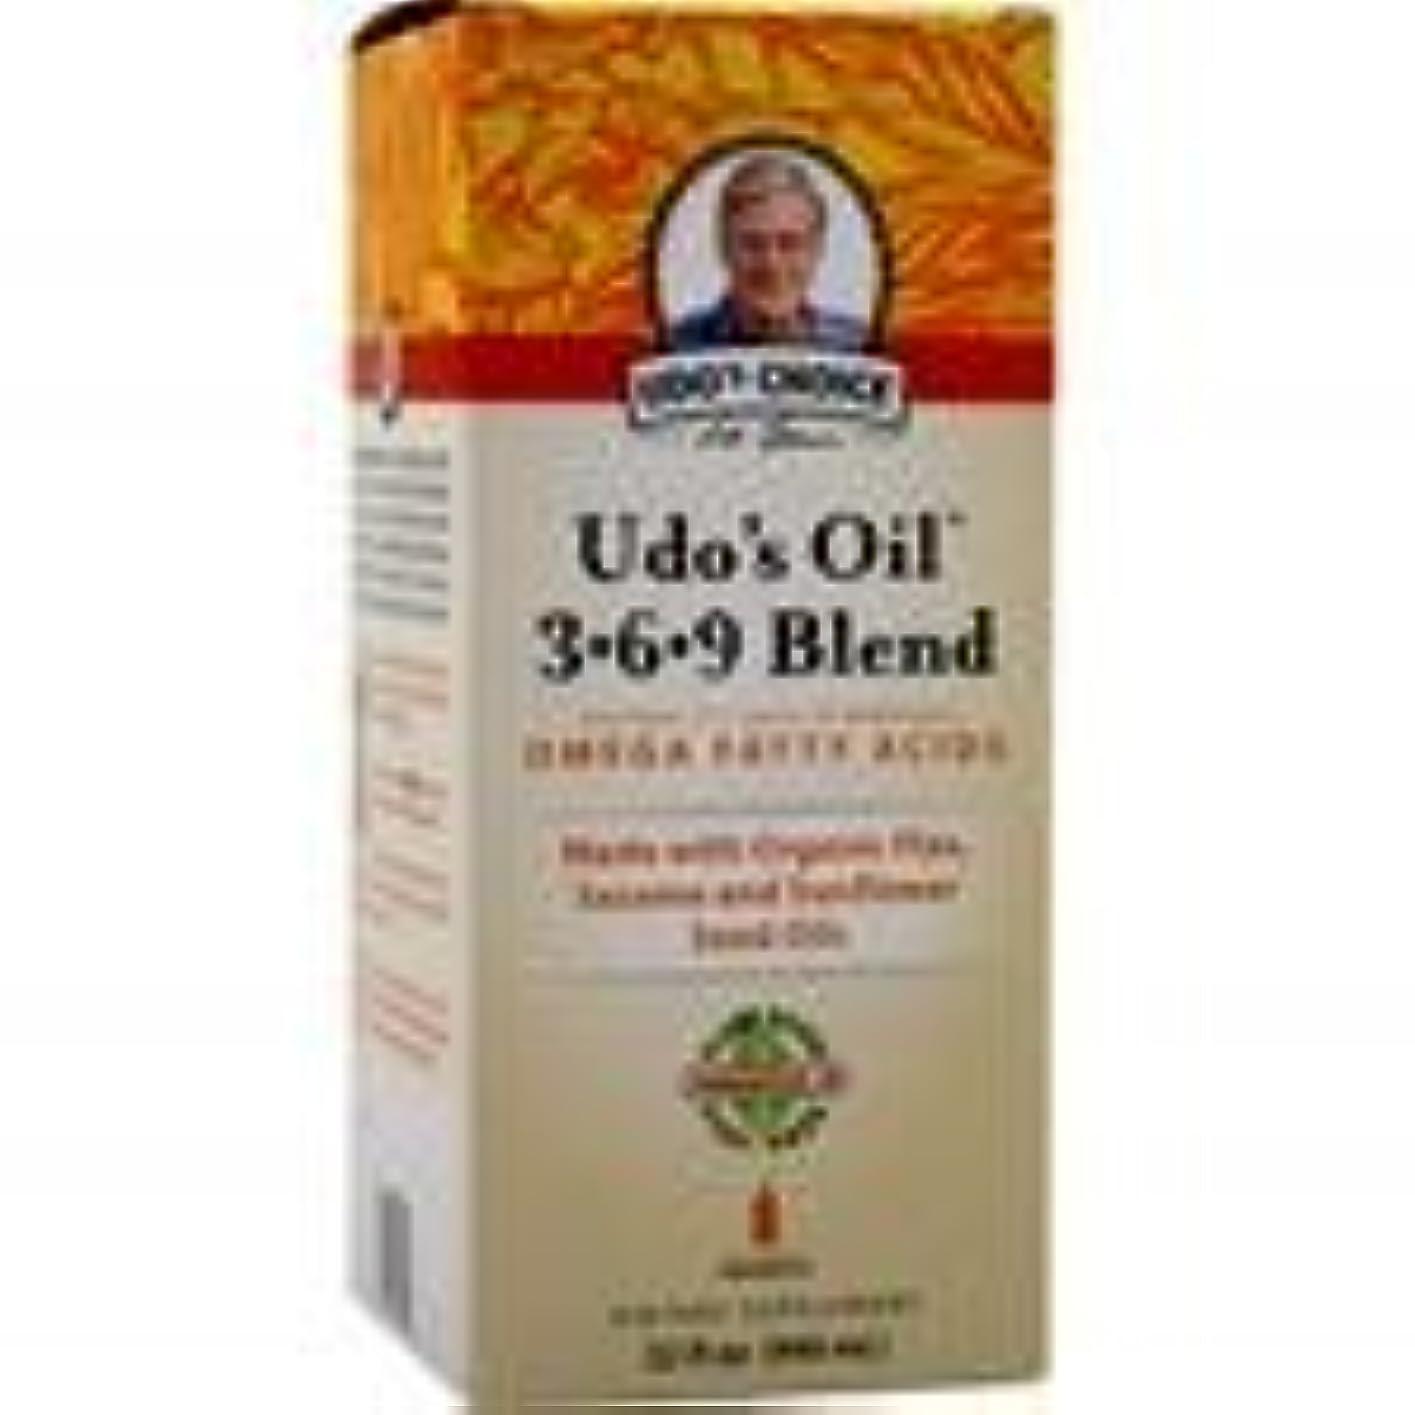 フレアほのめかす運動Udo's Oil 3-6-9 Blend Liquid 32 fl.oz 4個パック